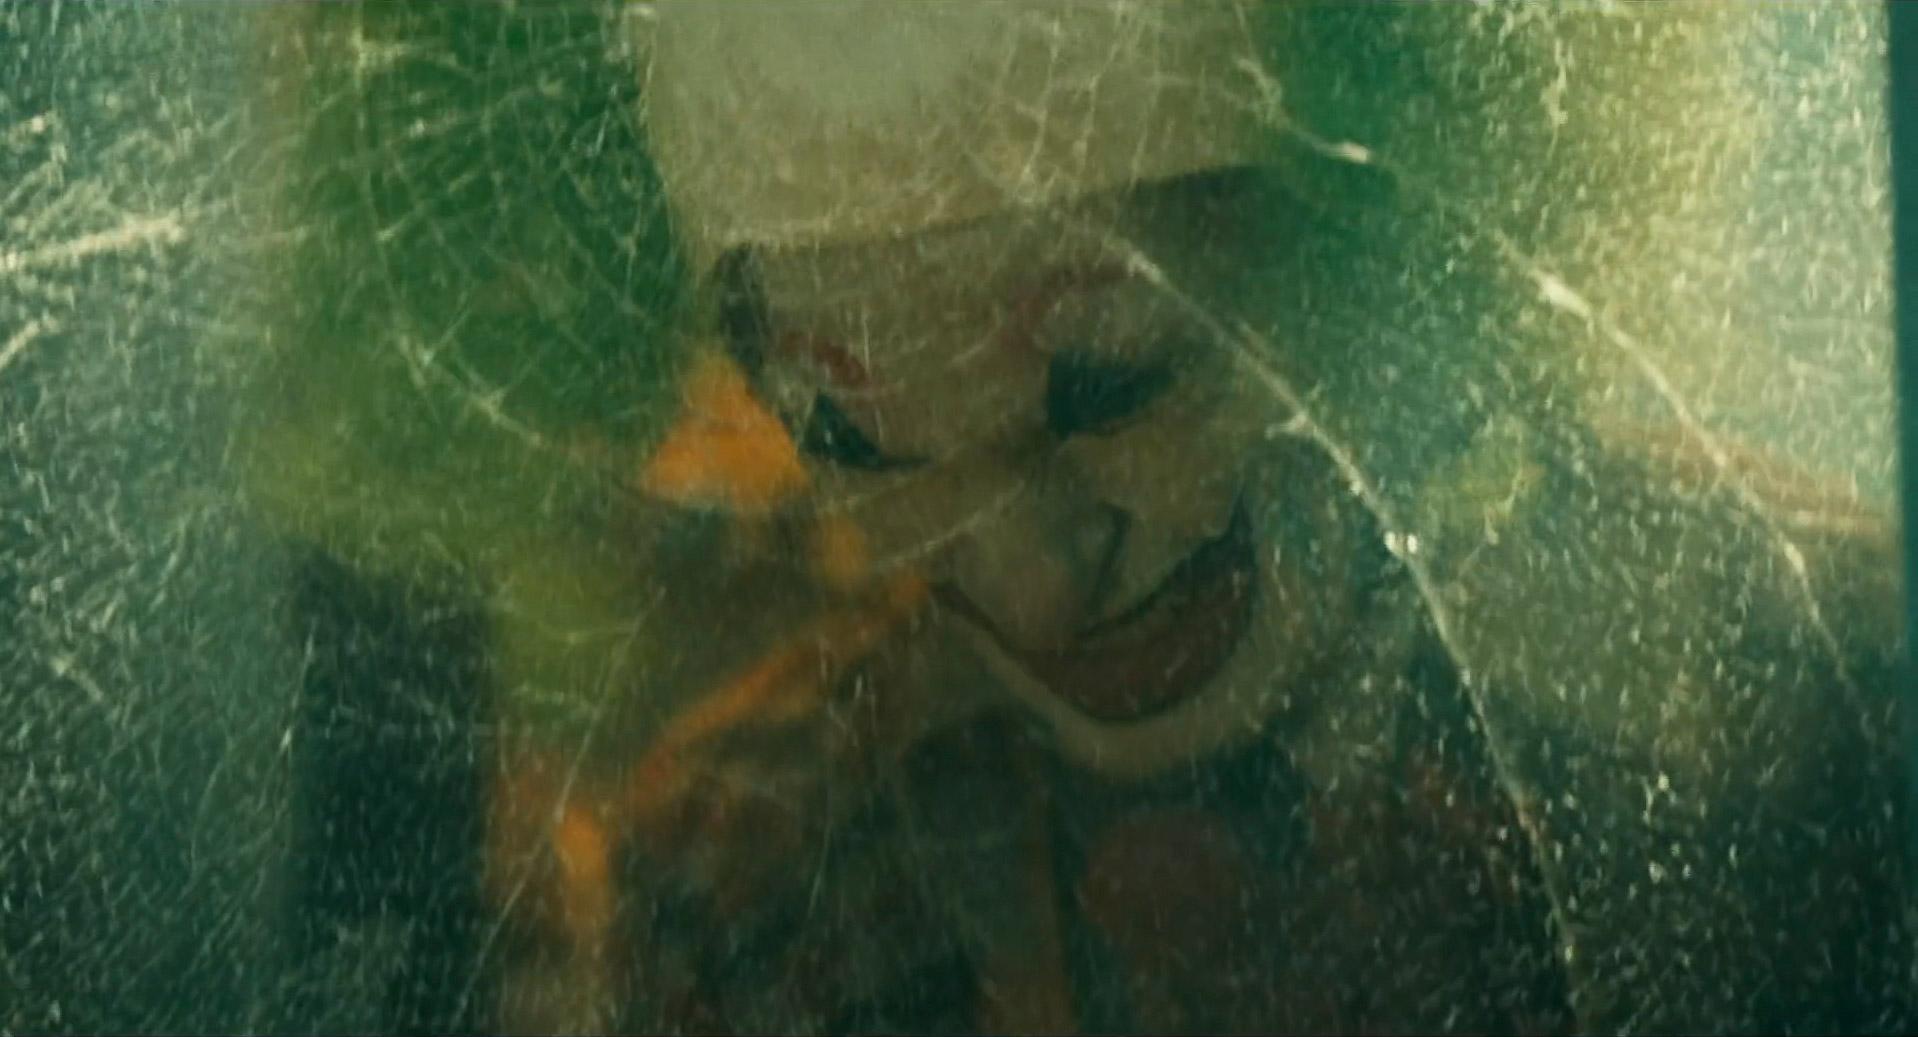 Joker_8.jpg